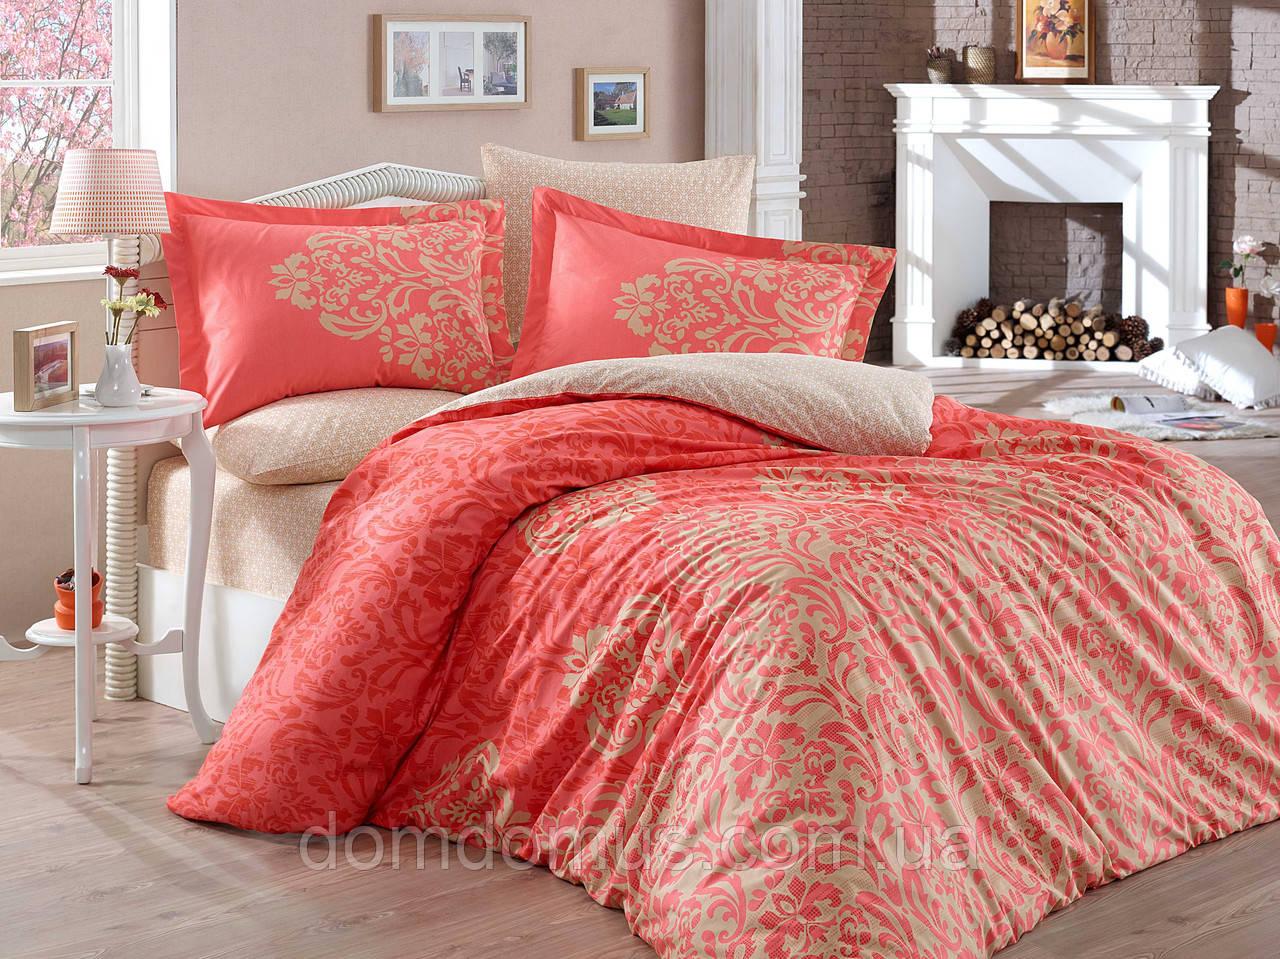 """Комплект постільна білизна двоспальне Євро """"Serenity Red"""" (100 % бавовна) Hobby, Туреччина"""